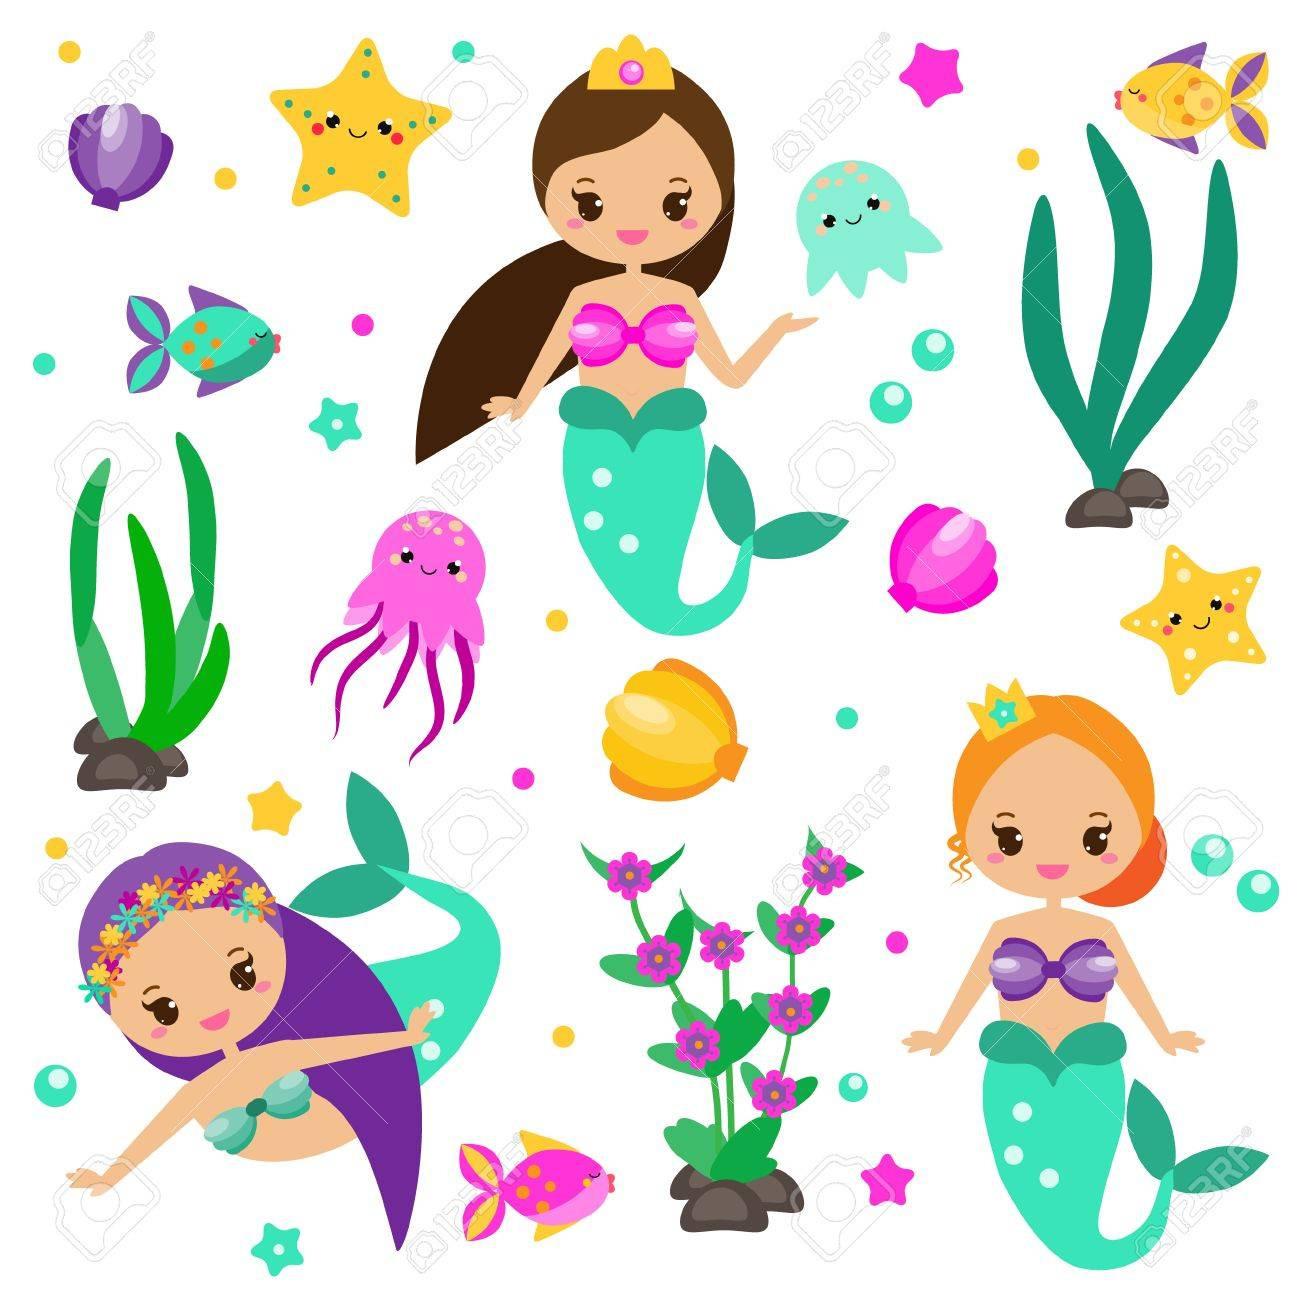 1300x1300 Children Princess Party Design Elements Stickers Clip Art